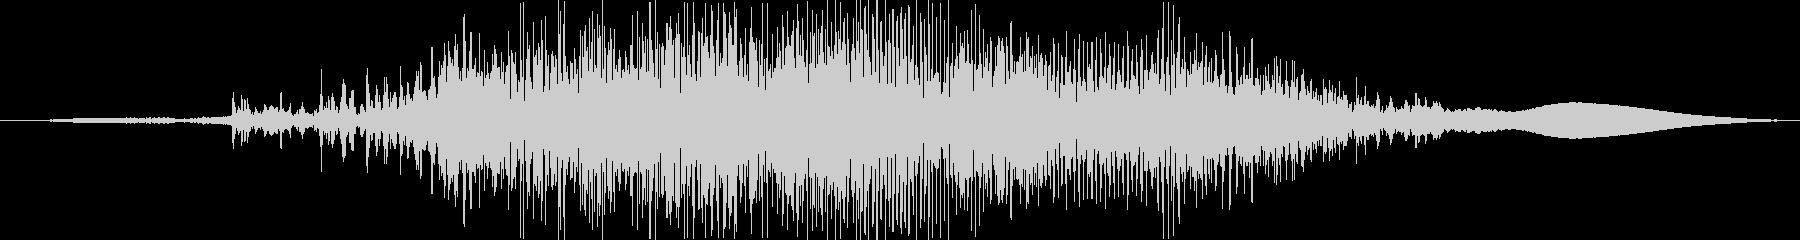 ジー(ジッパーの音※高速)の未再生の波形